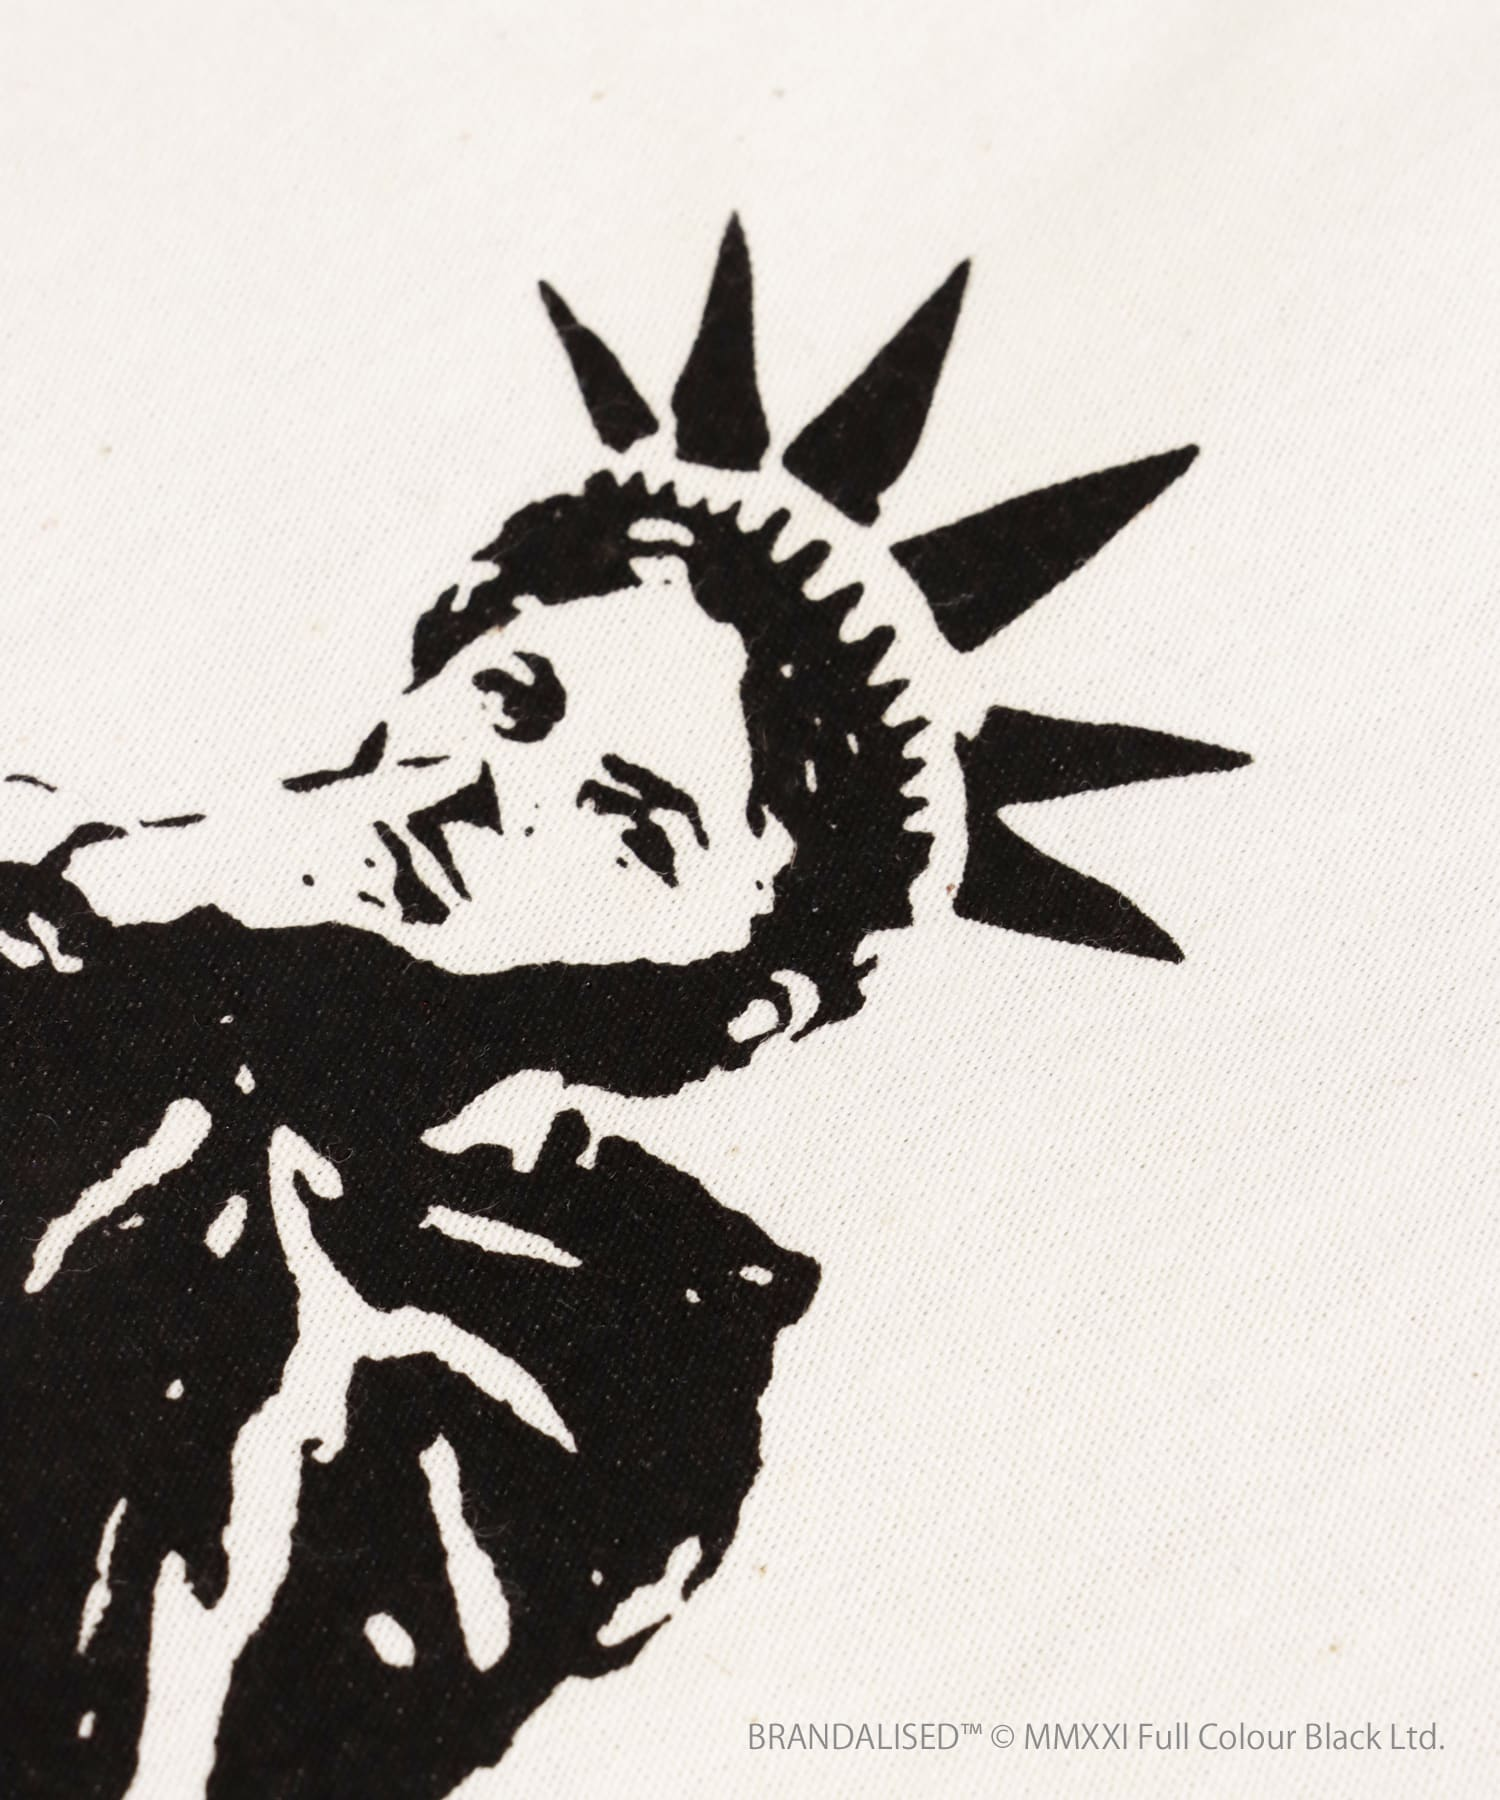 3COINS(スリーコインズ) 【ASOKO】Banksy's Graffiti ファブリックポスター(S)